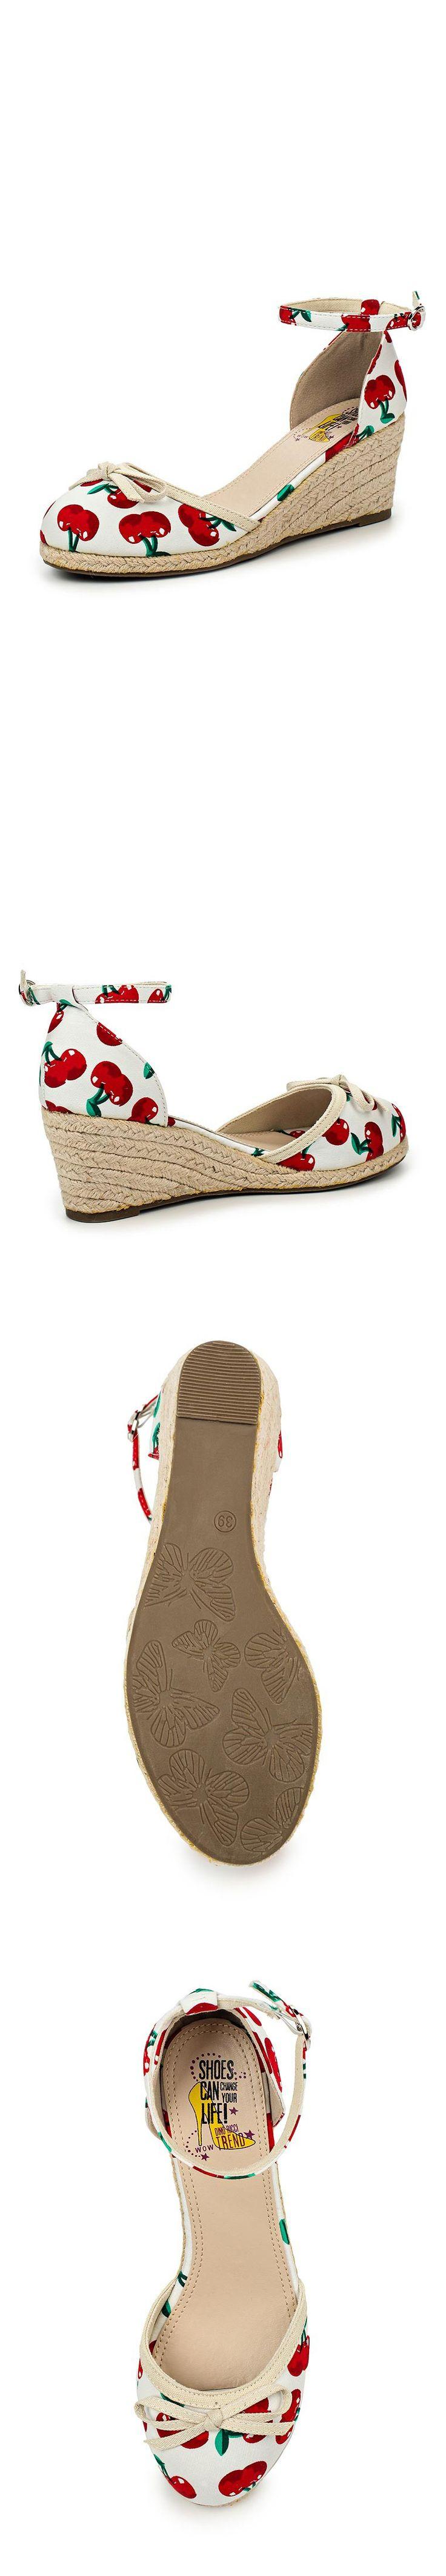 Женская обувь босоножки Dino Ricci Trend за 3590.00 руб.